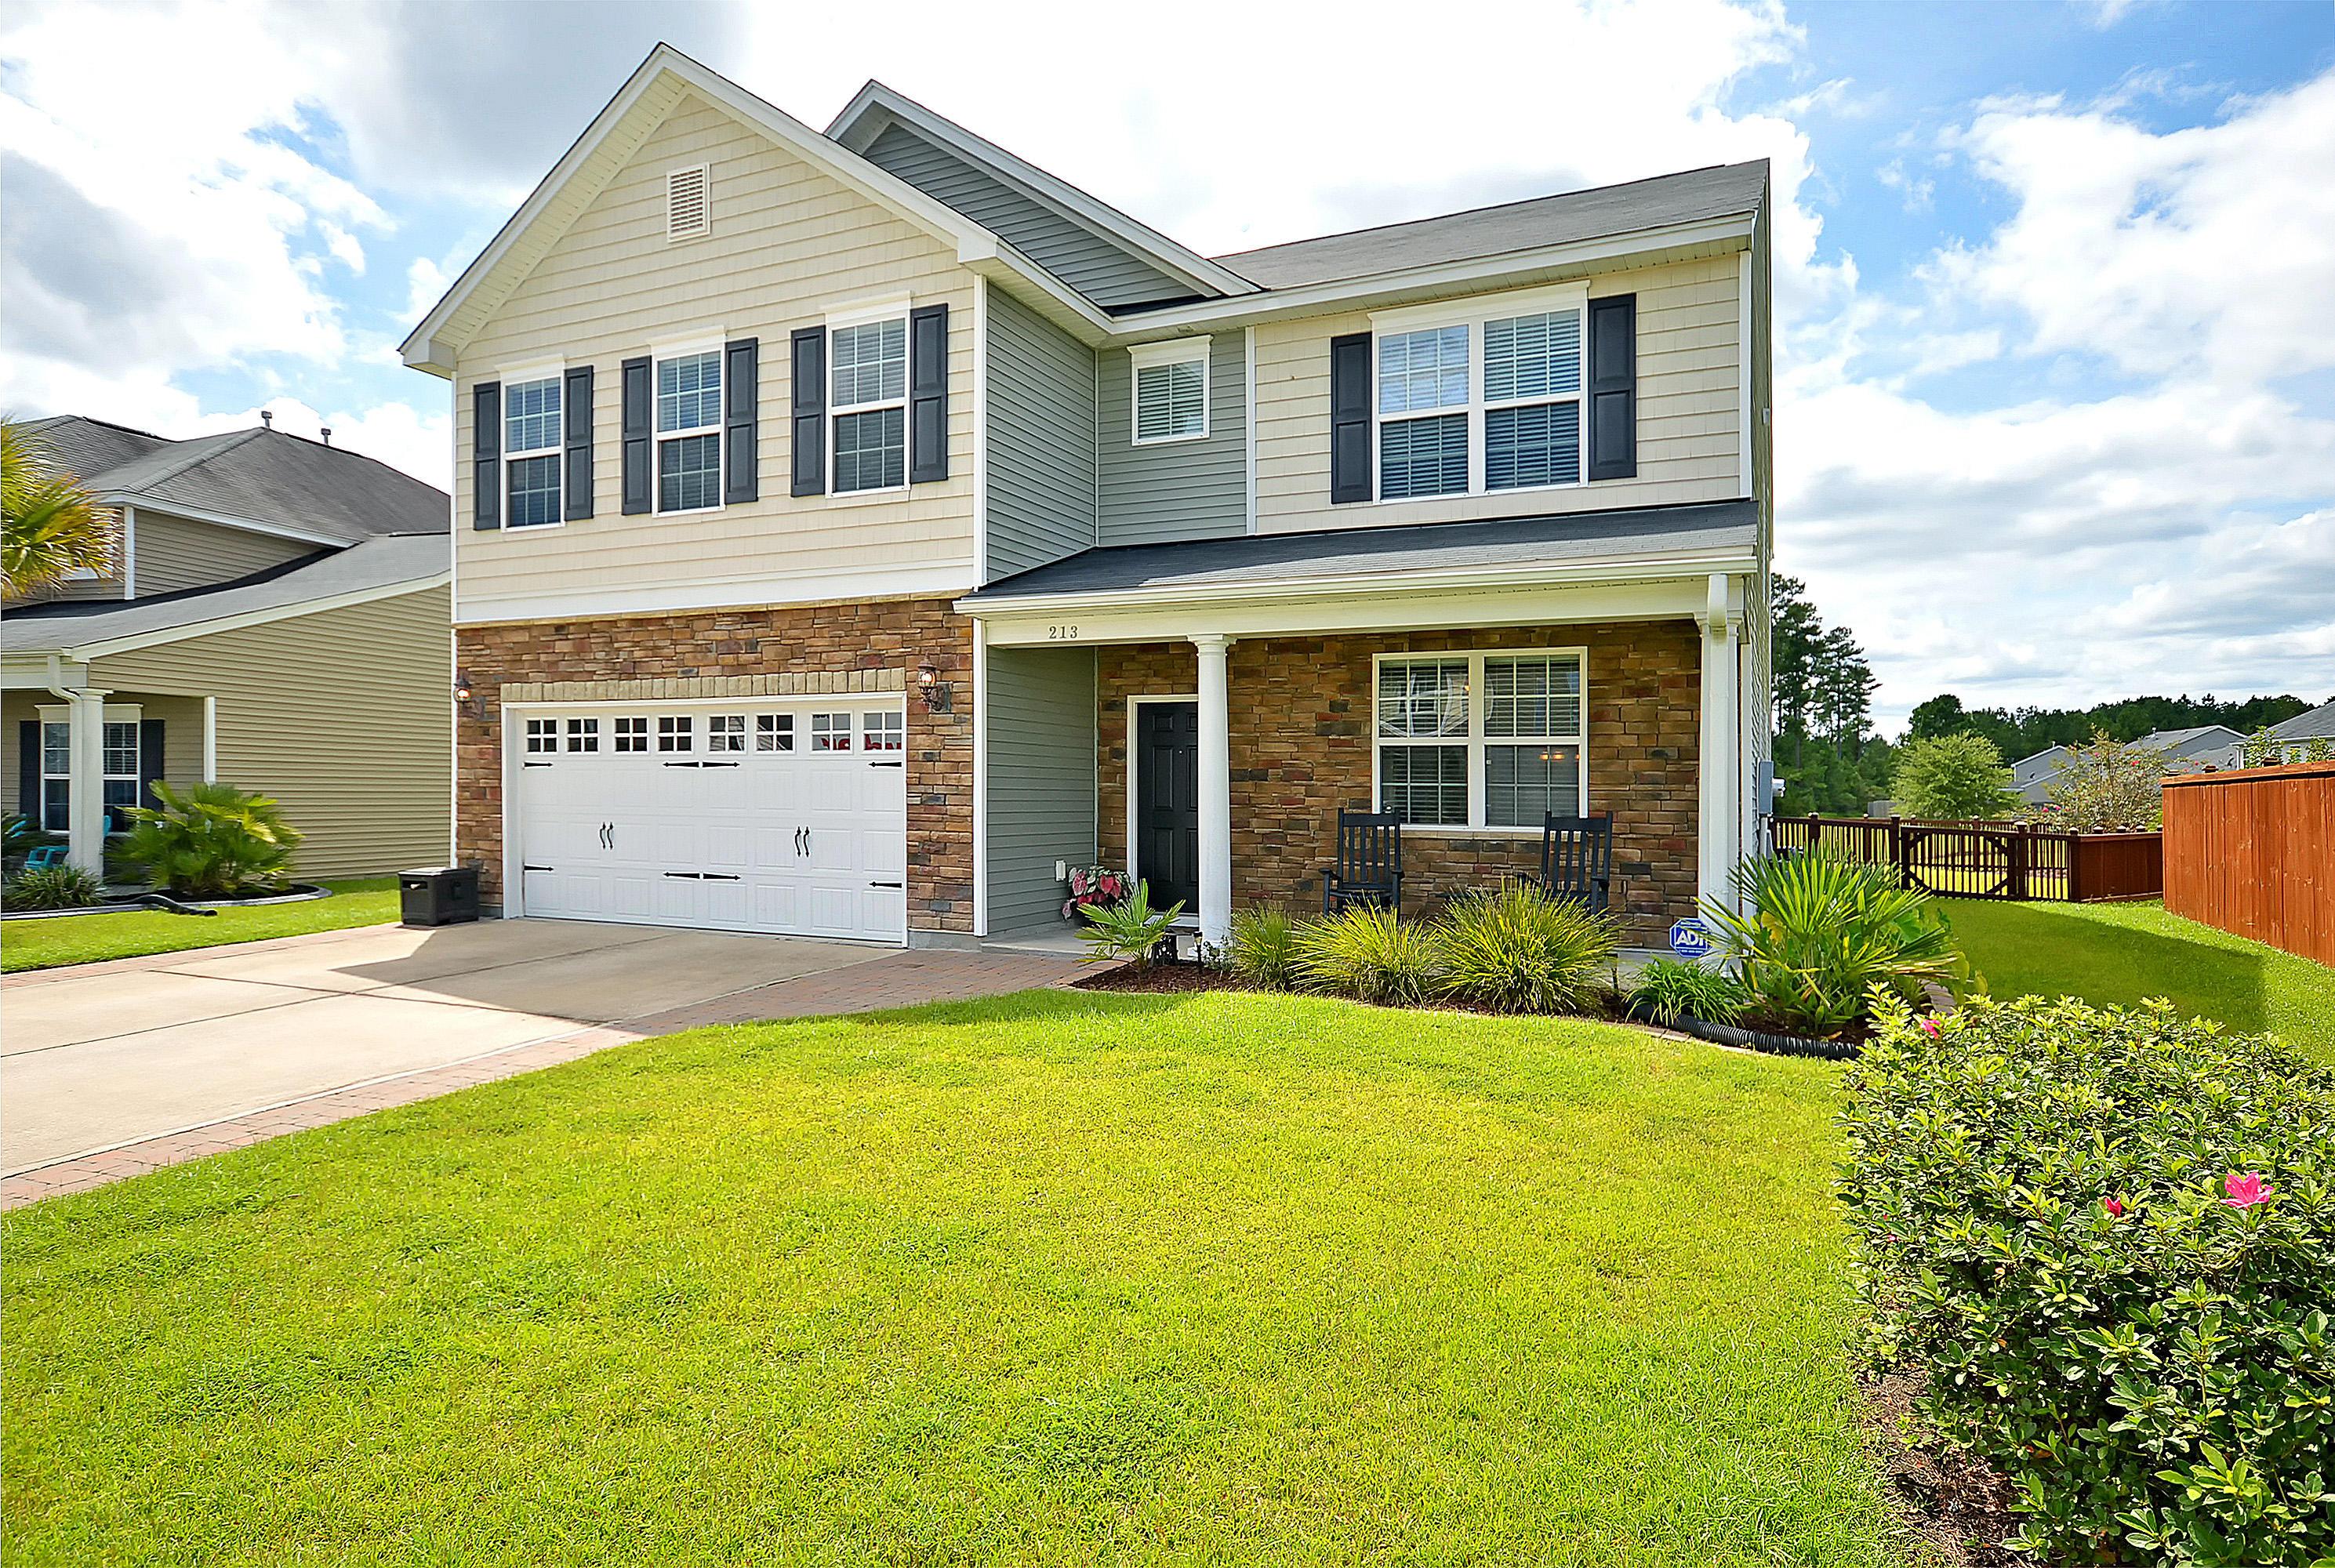 Cane Bay Plantation Homes For Sale - 213 Decatur, Summerville, SC - 13